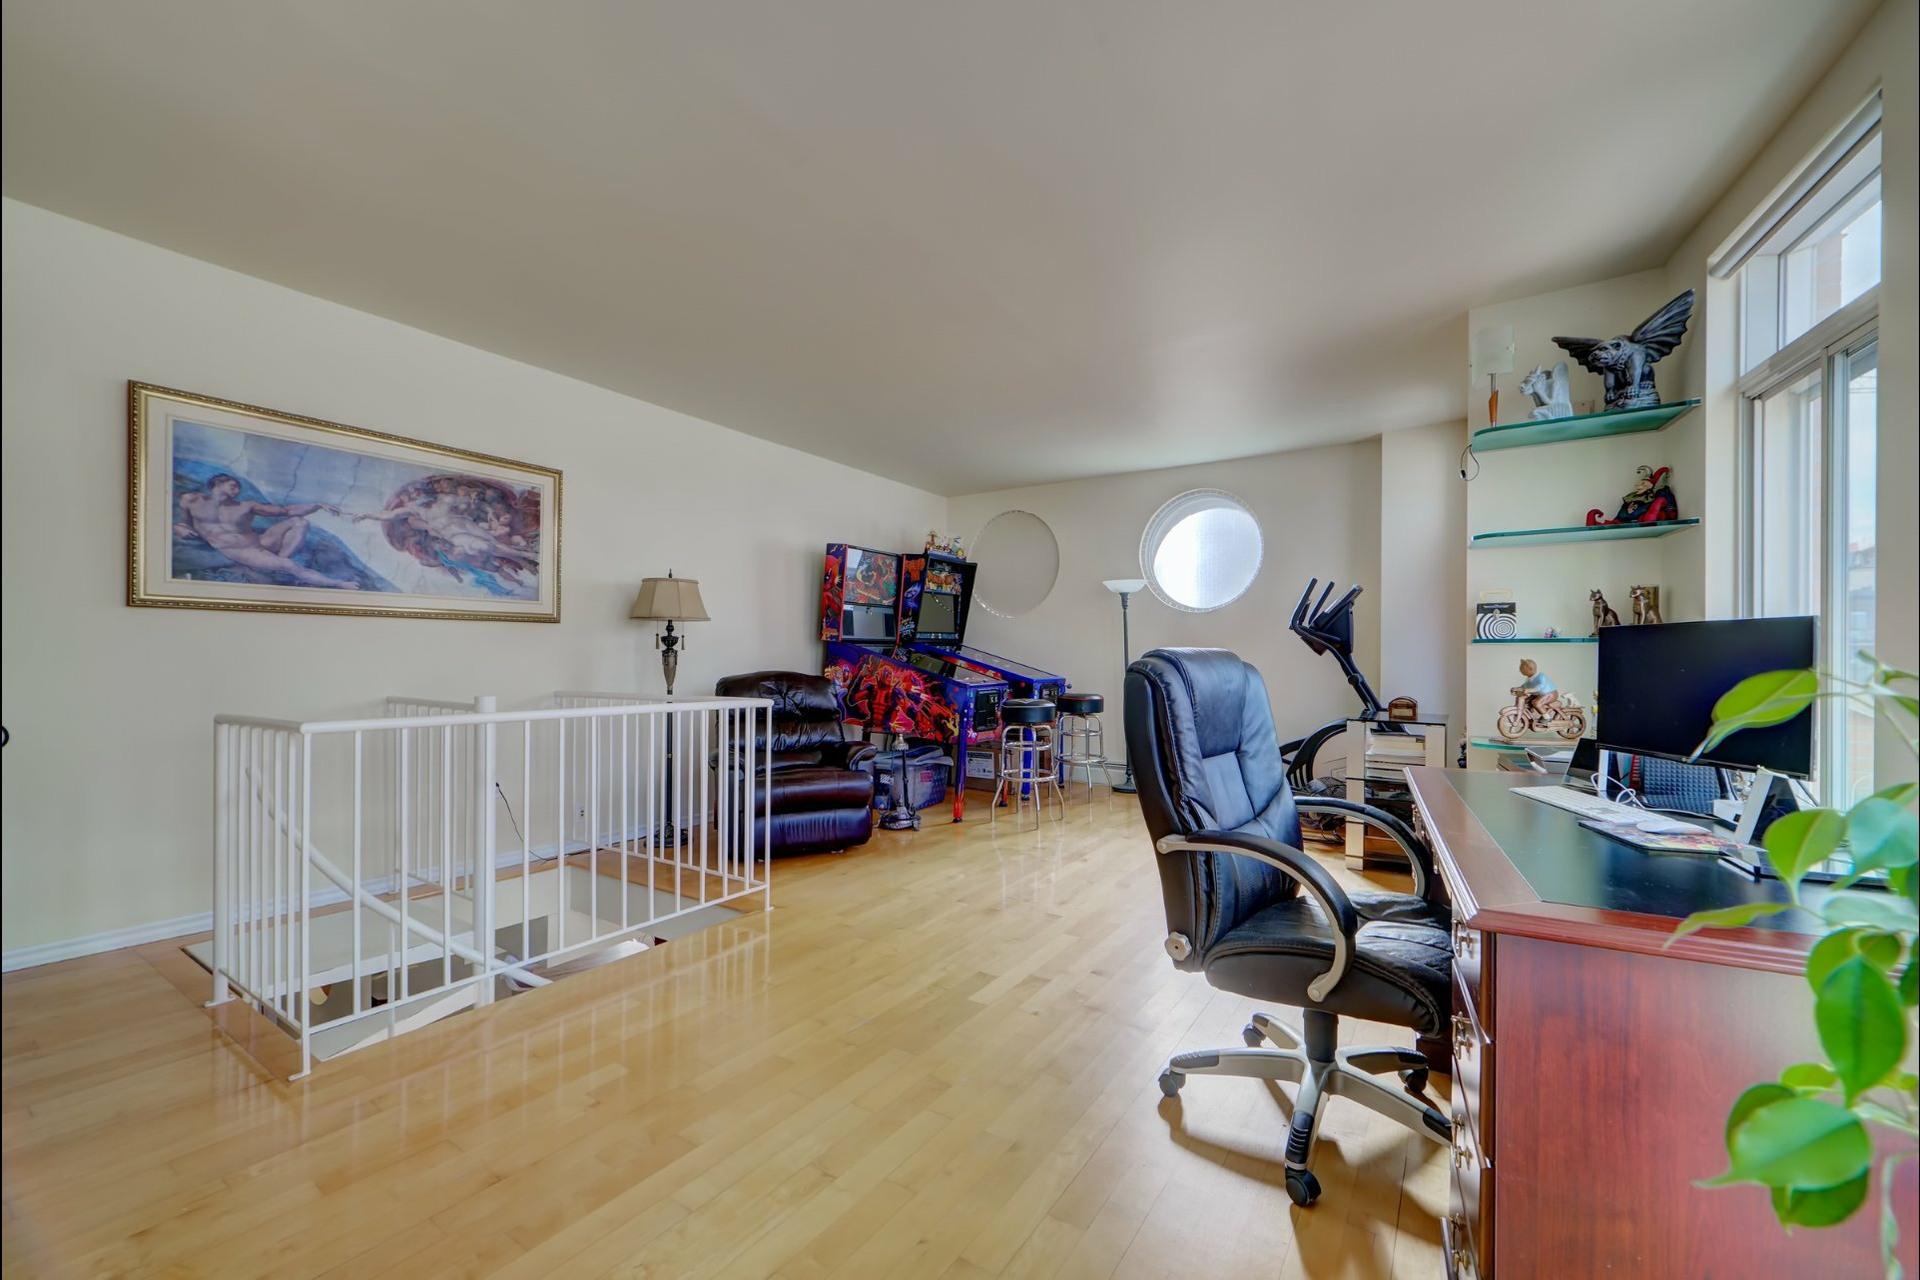 image 19 - Appartement À vendre Montréal Ville-Marie  - 5 pièces